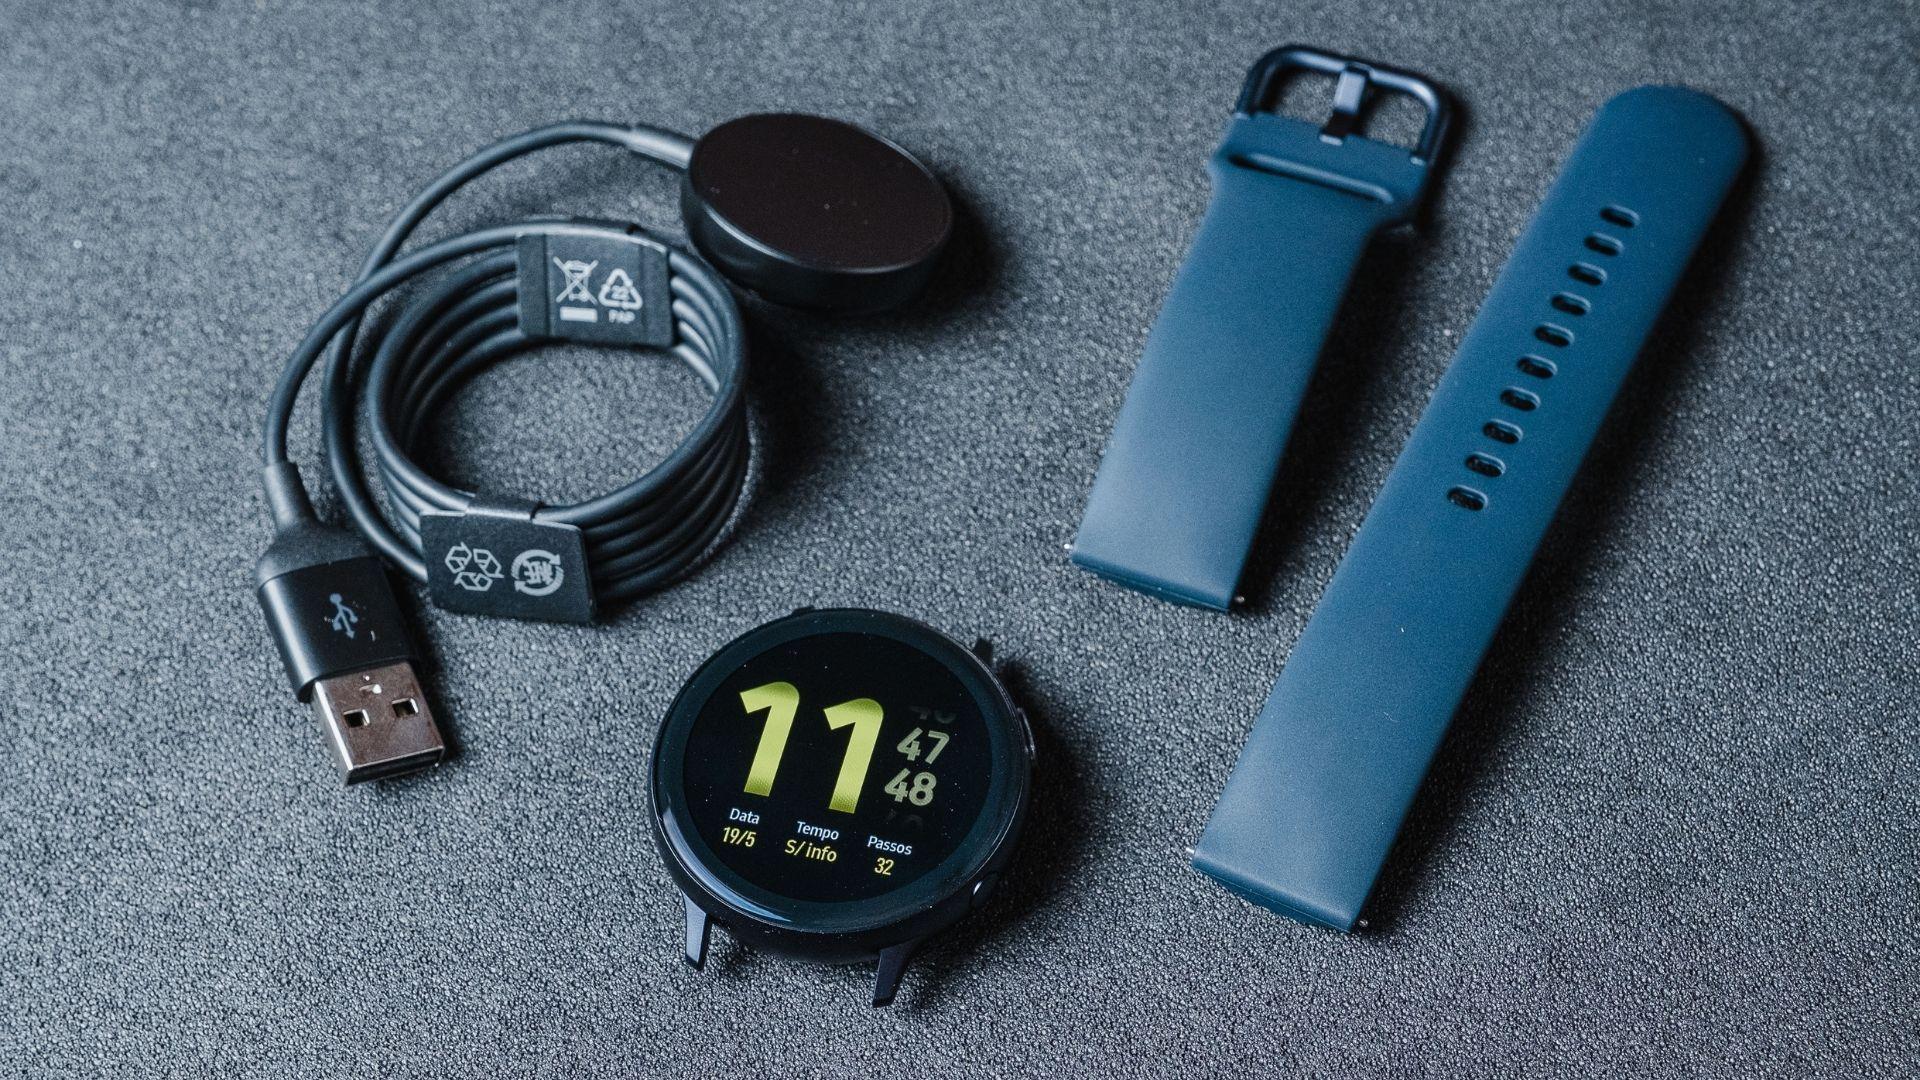 Samsung Watch Active 2 permite trocar pulseiras (Foto: Zoom)